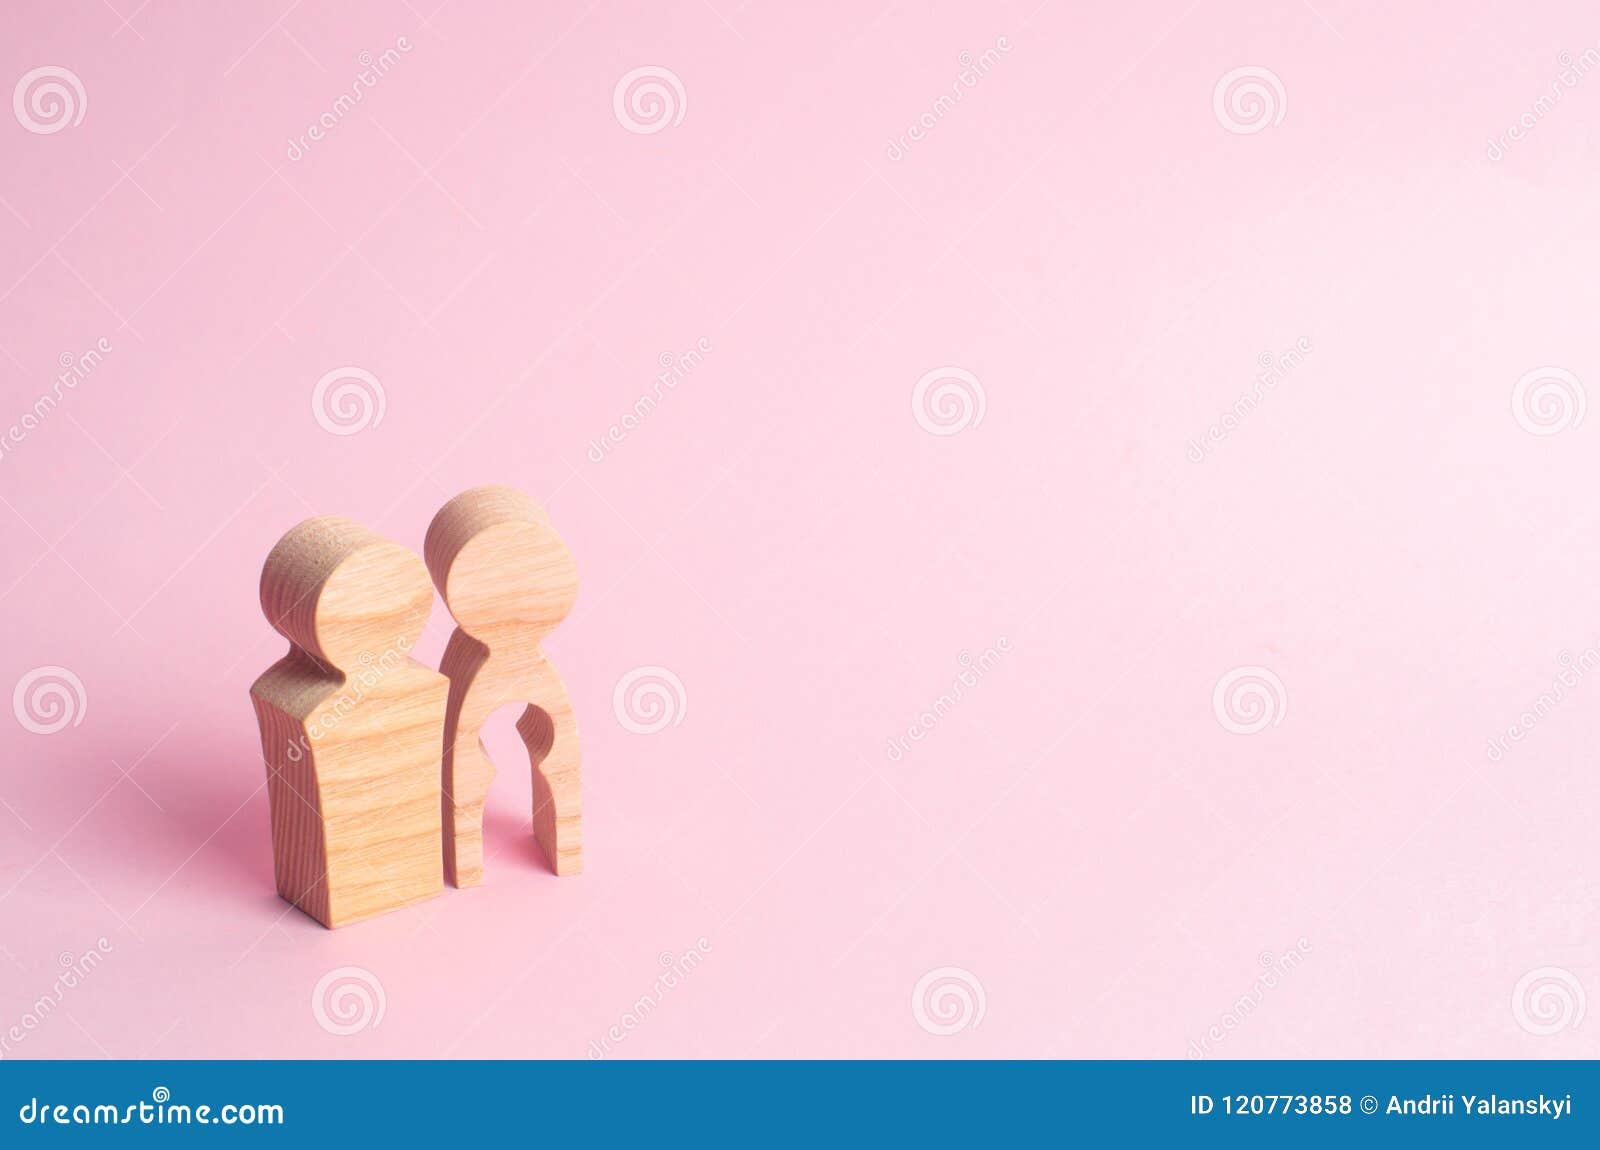 Houten cijfers van een man en een vrouw met een leegte binnen het lichaam in de vorm van een kind Onvruchtbaarheid in een paar